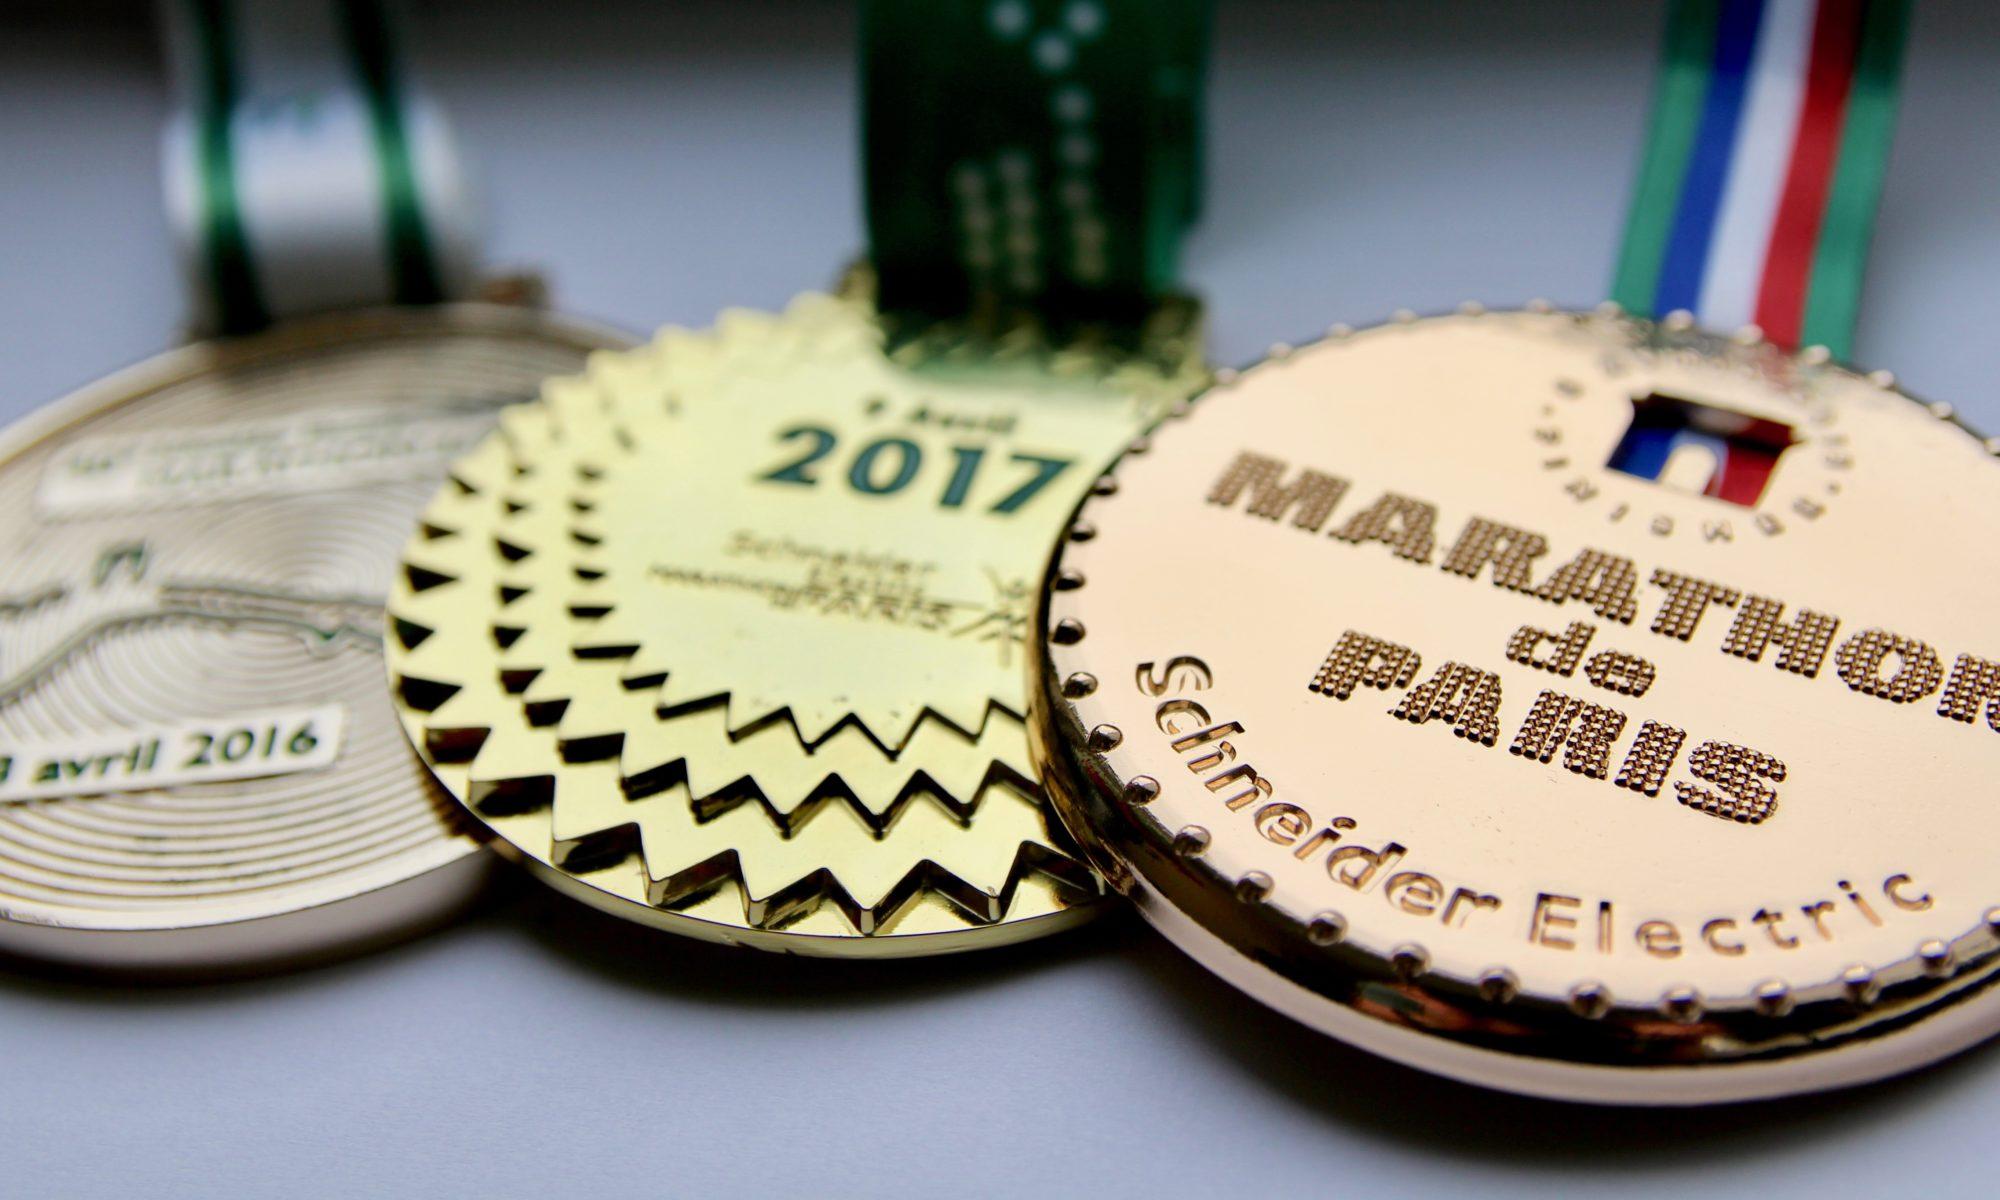 Die Medaillen der Paris-Marathons 2016, 2017 und 2018.